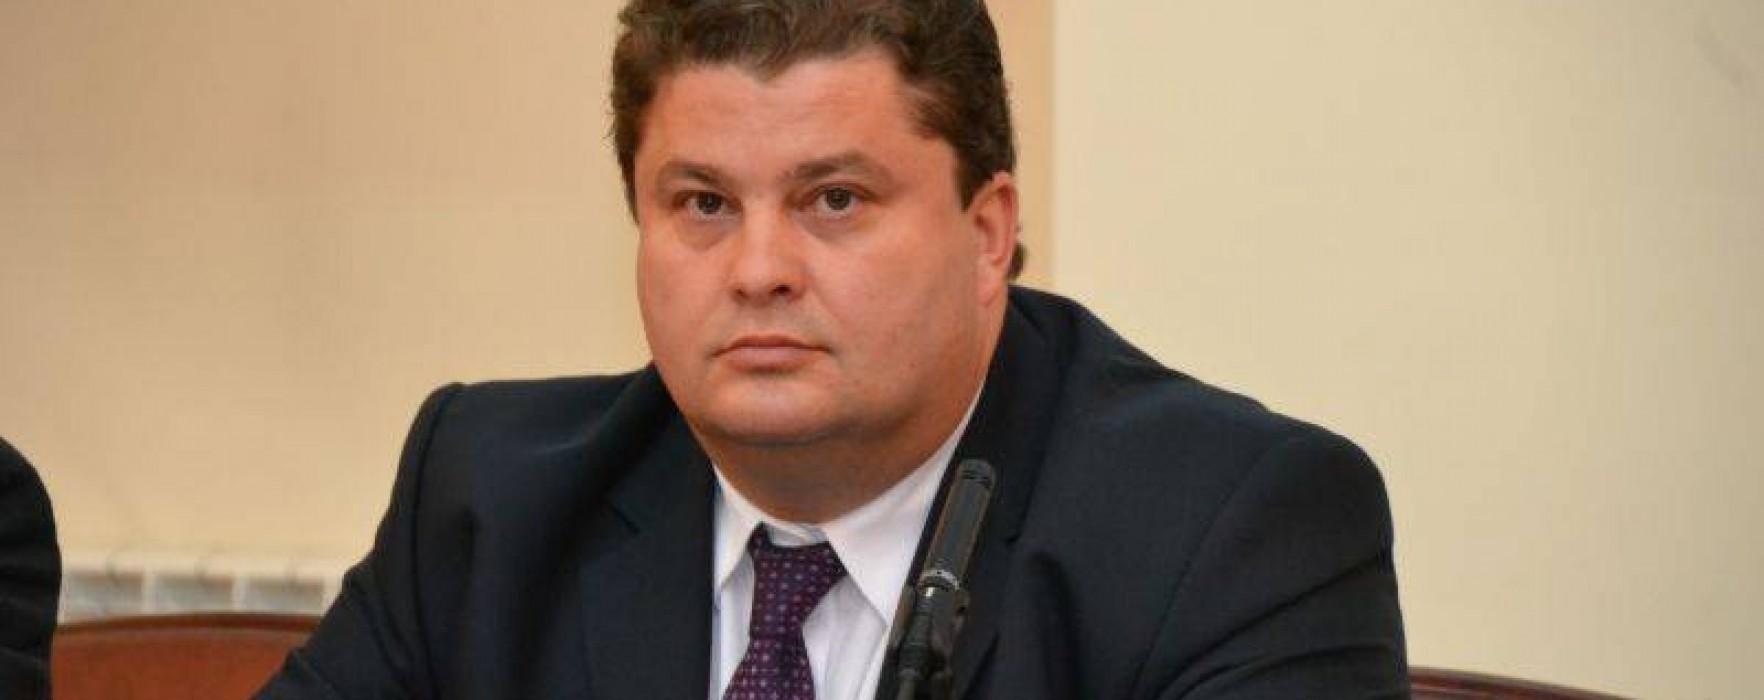 Florin Popescu anunţă că s-a înscris în Partidul Mişcarea Populară